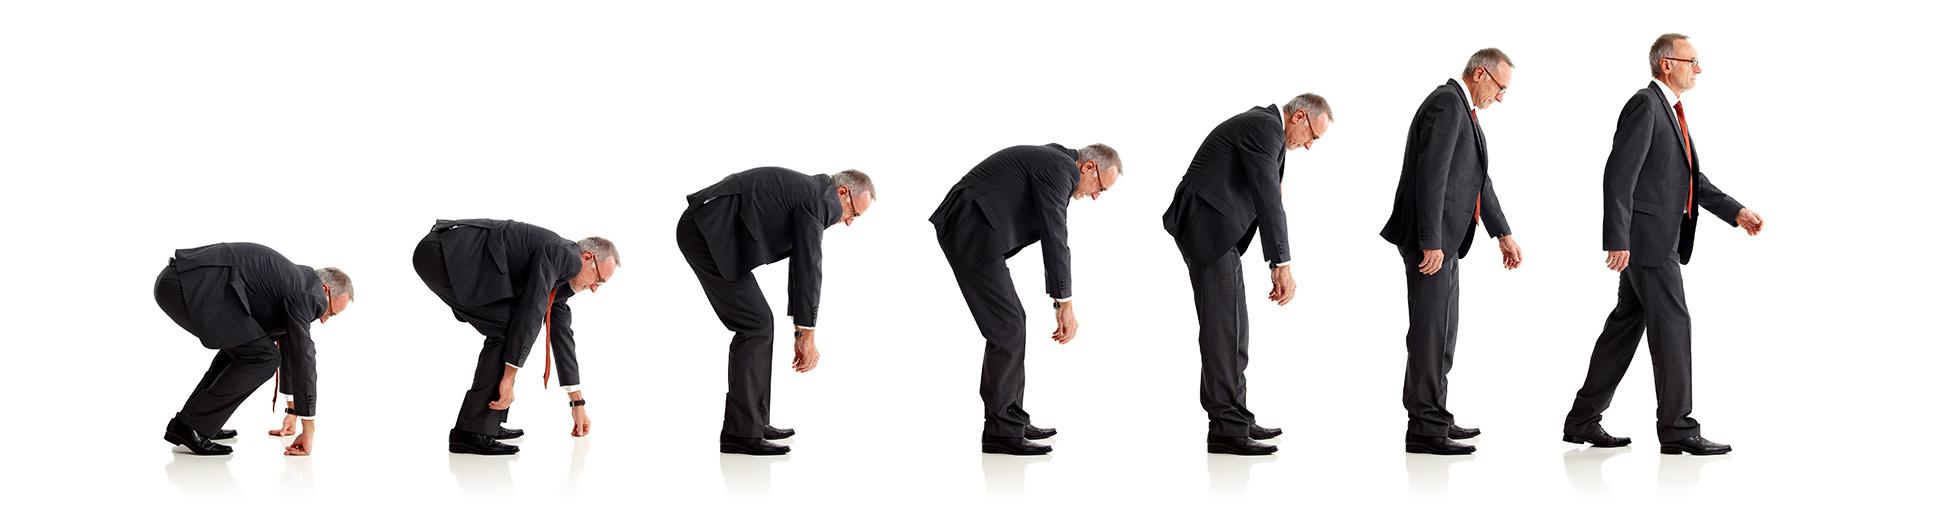 Palestra per migliorare la postura